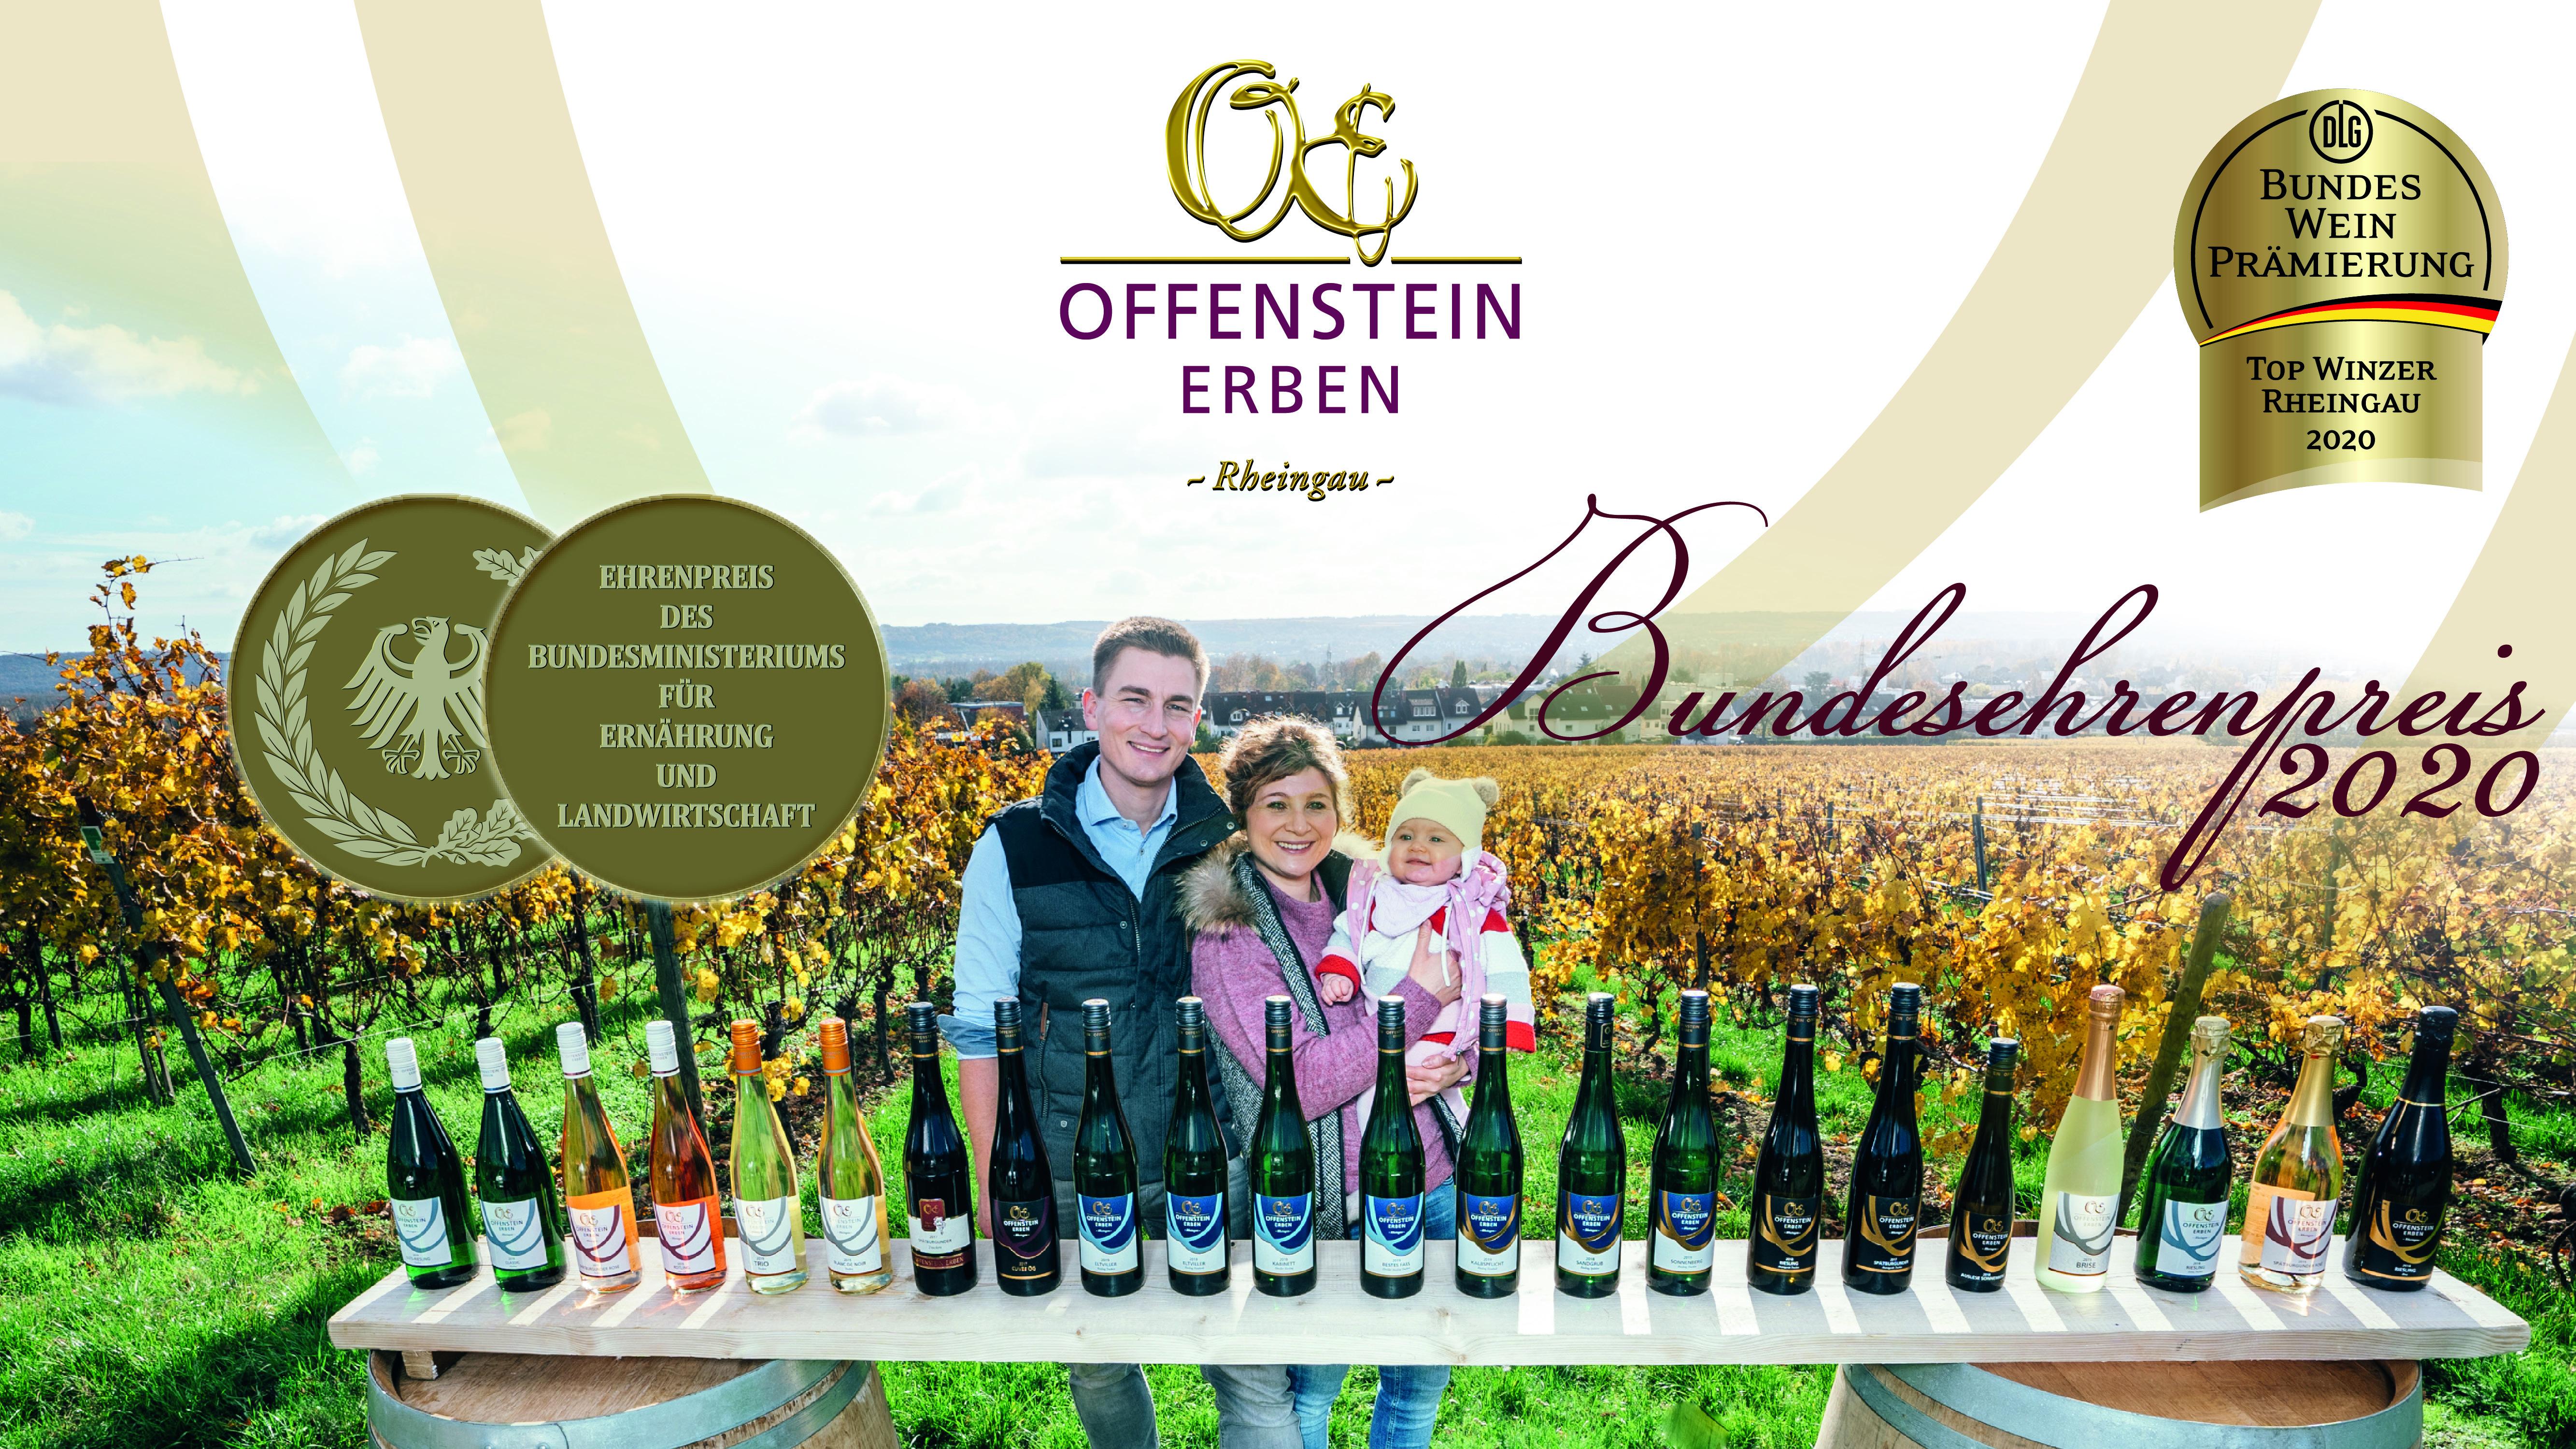 Newsletter_Bundesehrenpreis-Bild